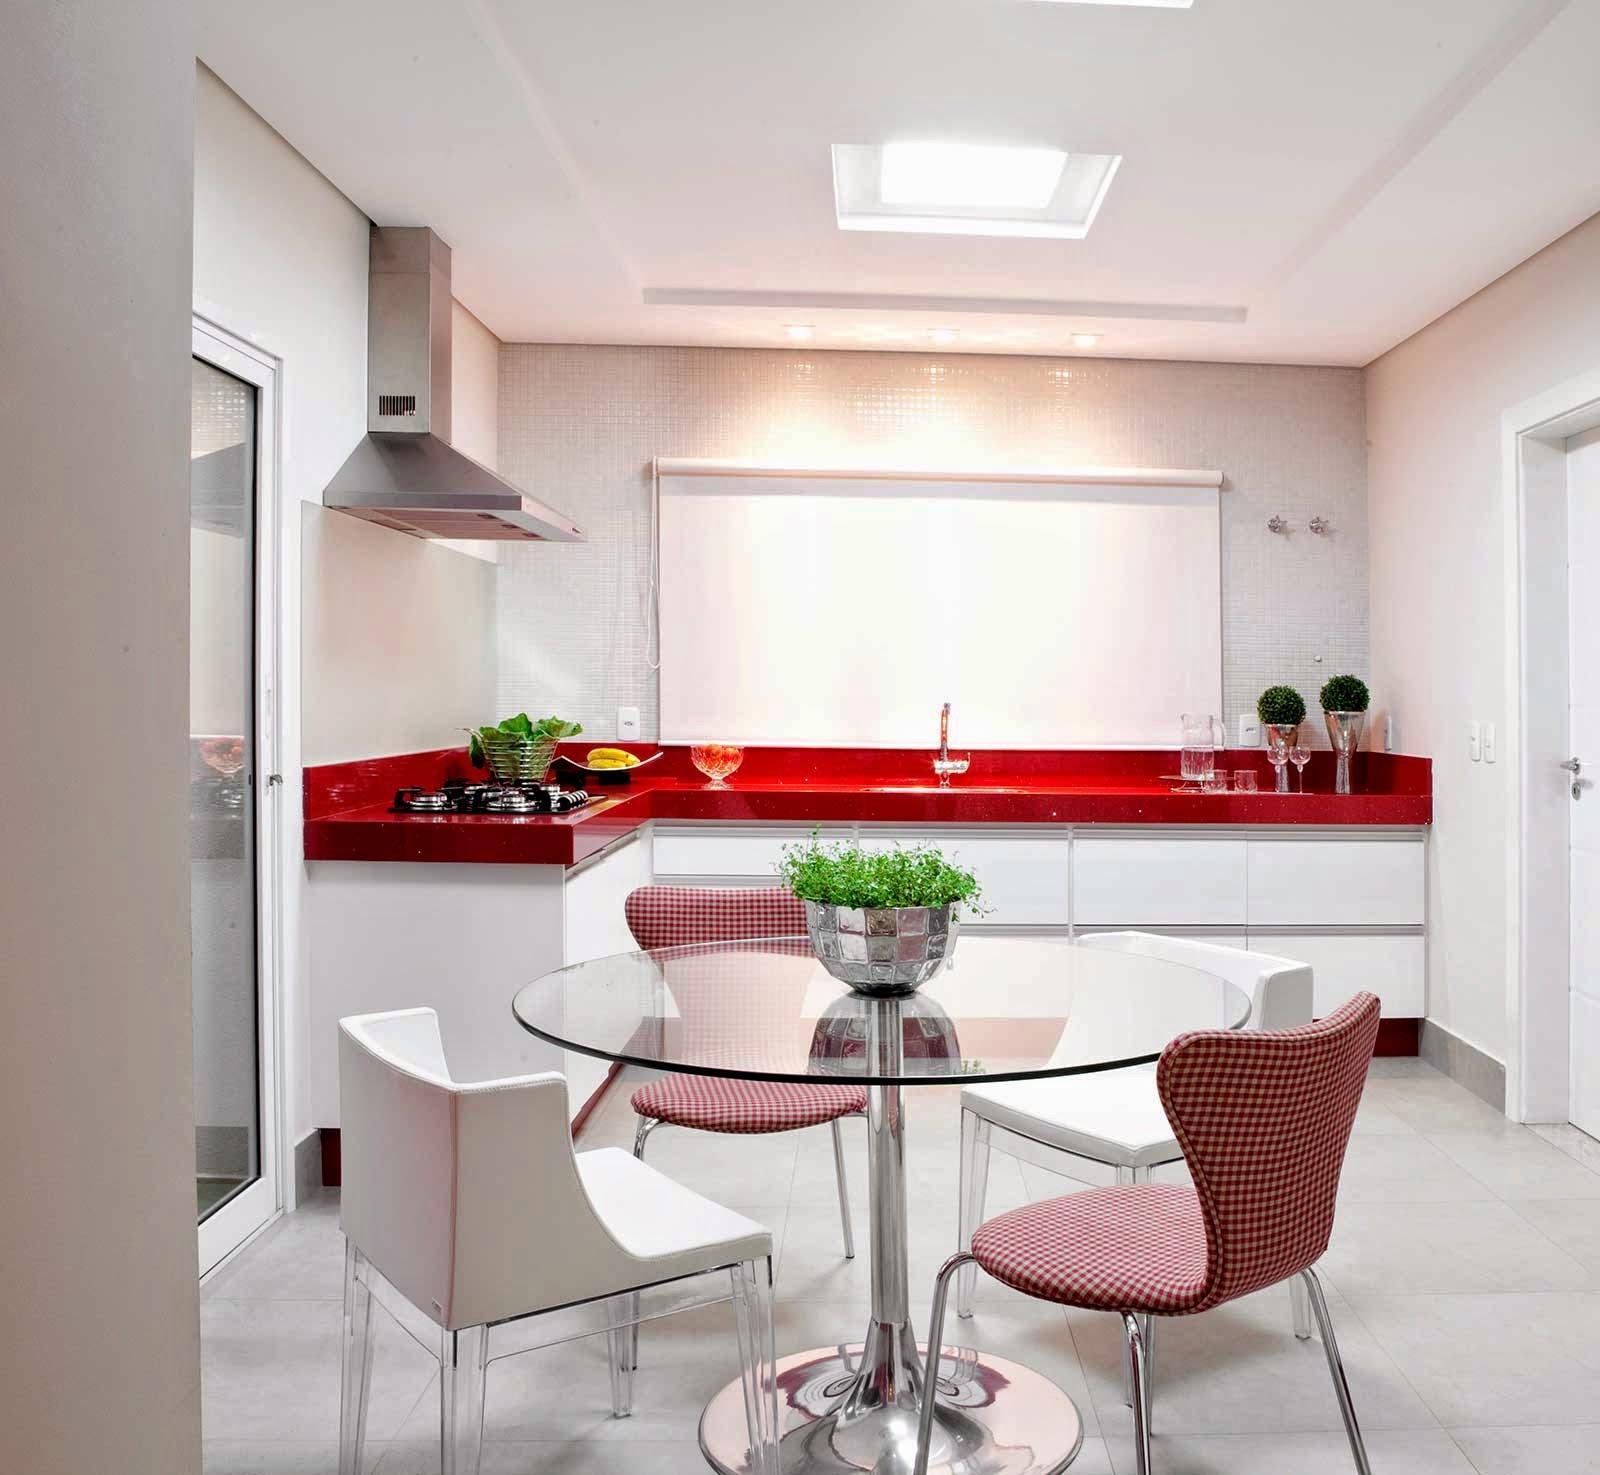 55 Cozinhas Em L Fotos E Ideias Lindas -> Sala Simples Clean